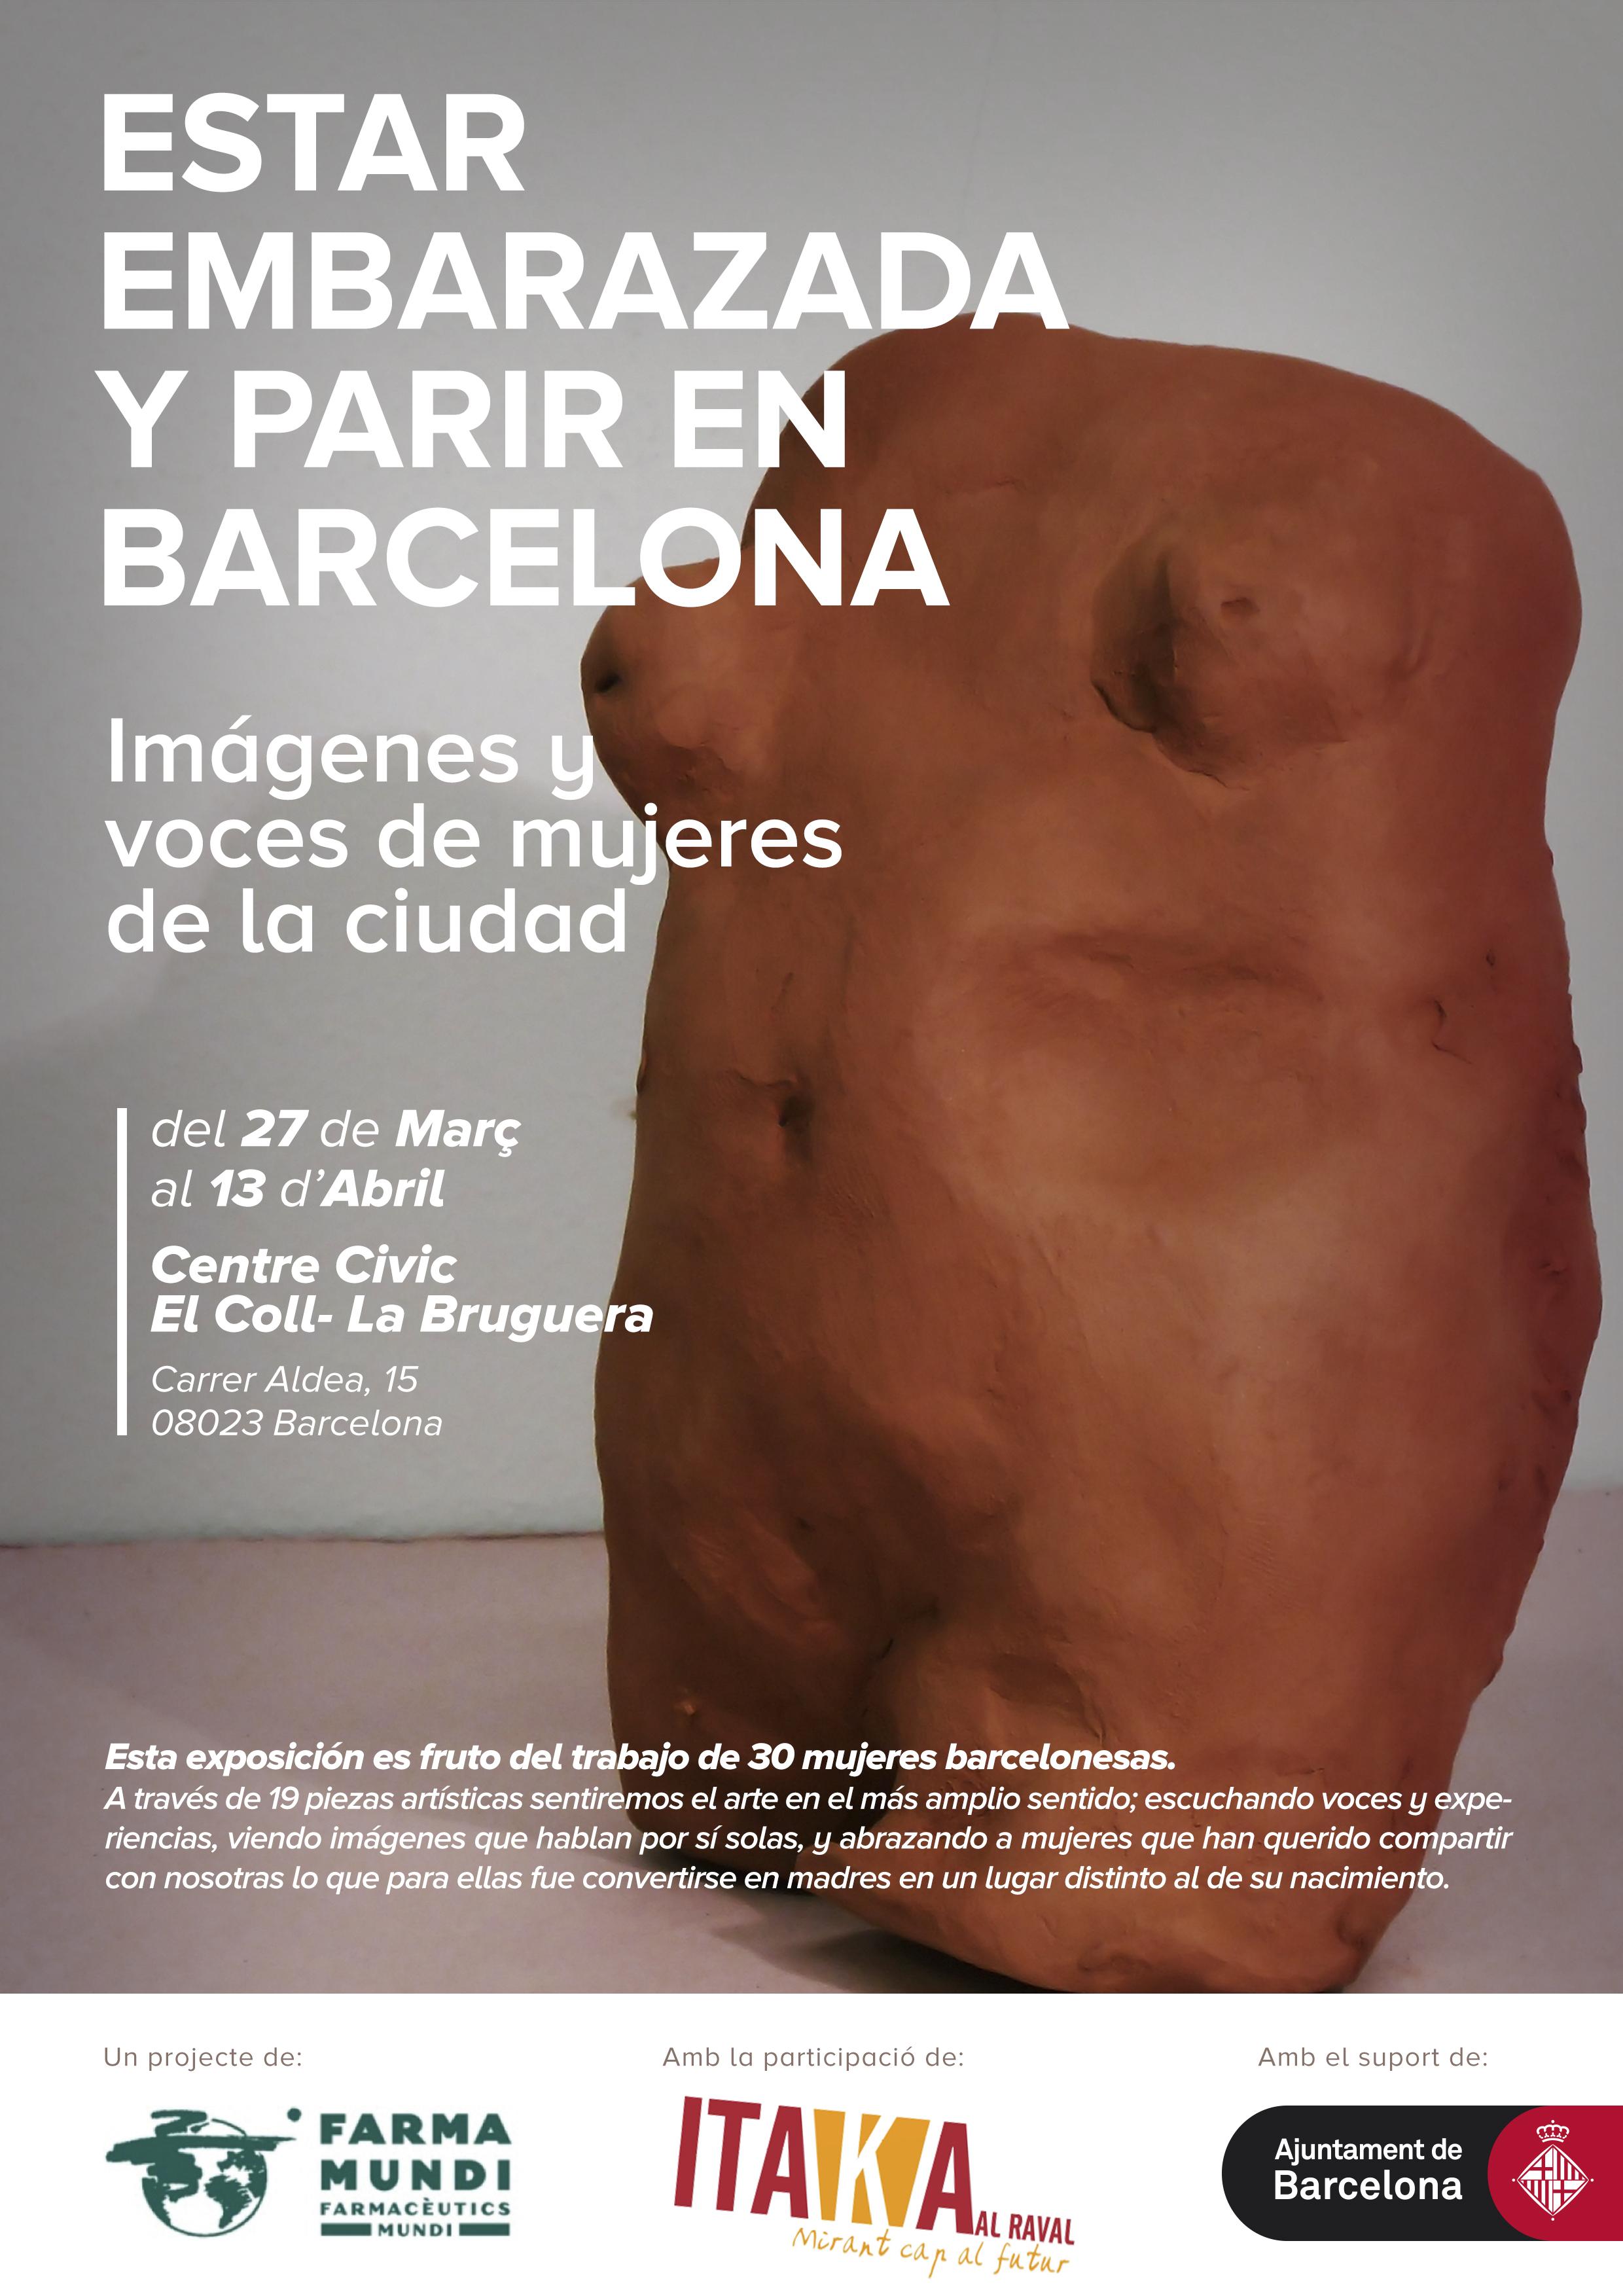 Exposición Estar embarazada y parir en Barcelona, organizada por Farmamundi